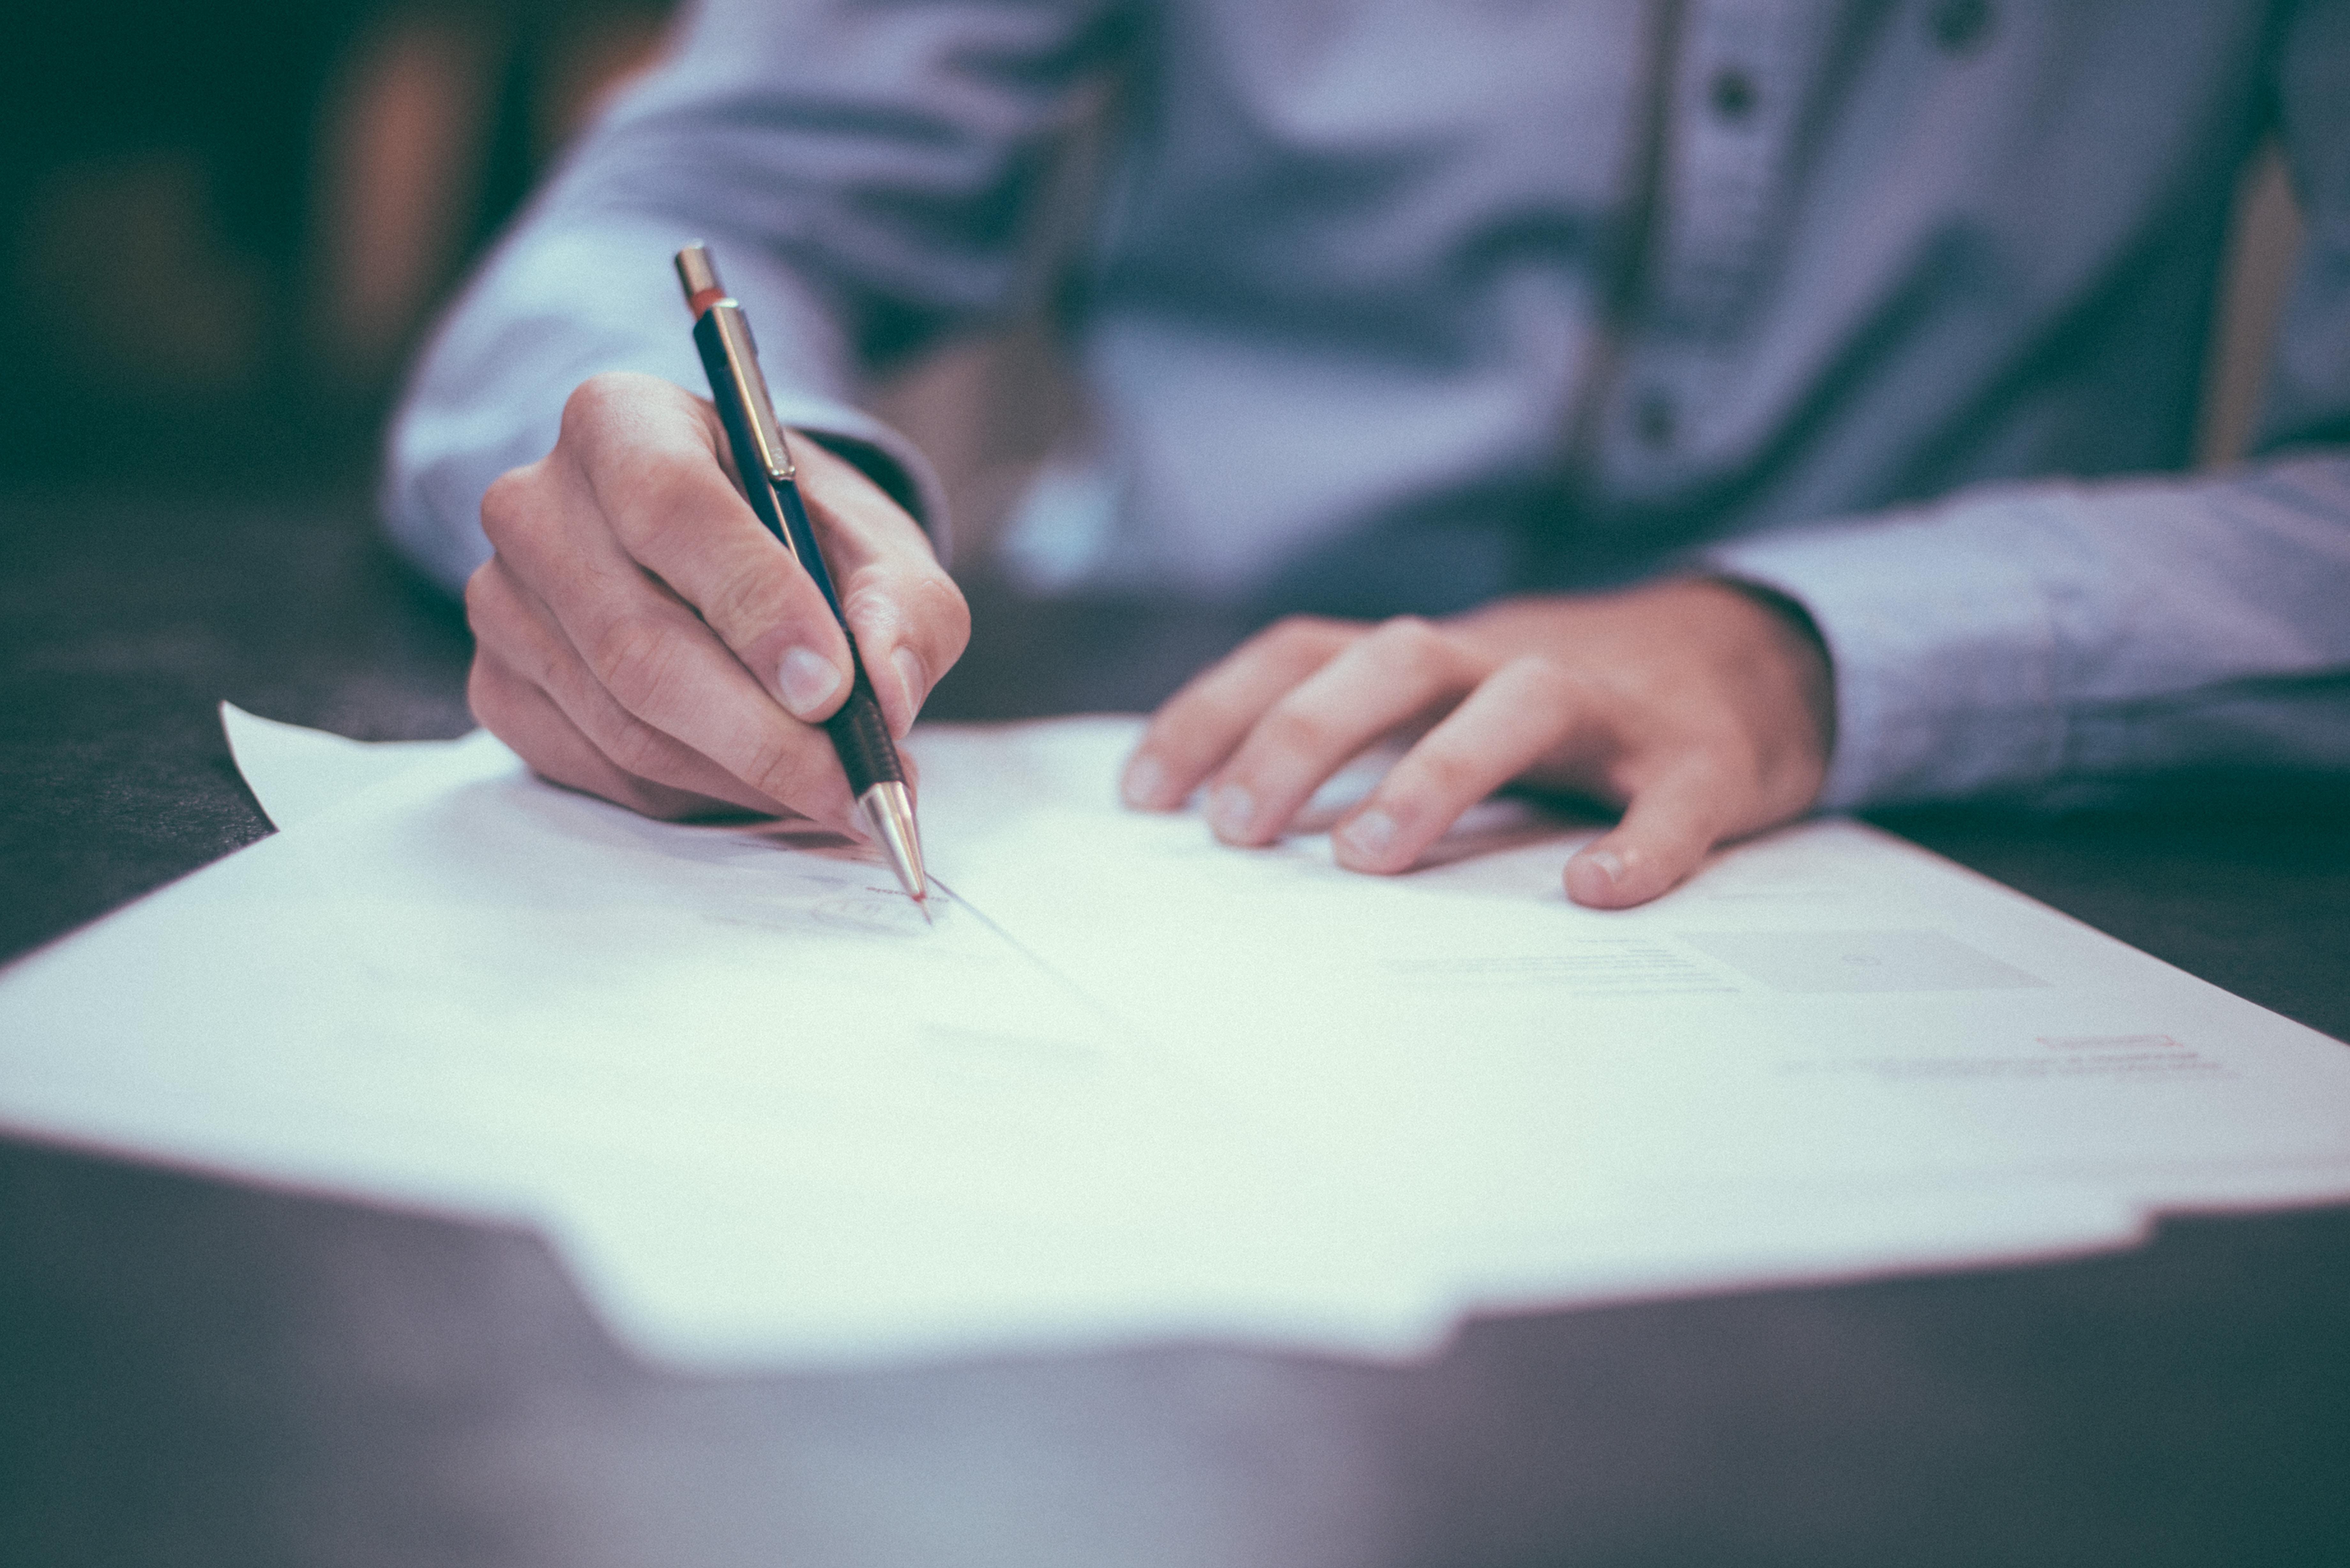 Opóźnienie w zapłacie wynagrodzenia jako podstawa rozwiązania umowy o pracę bez wypowiedzenia.